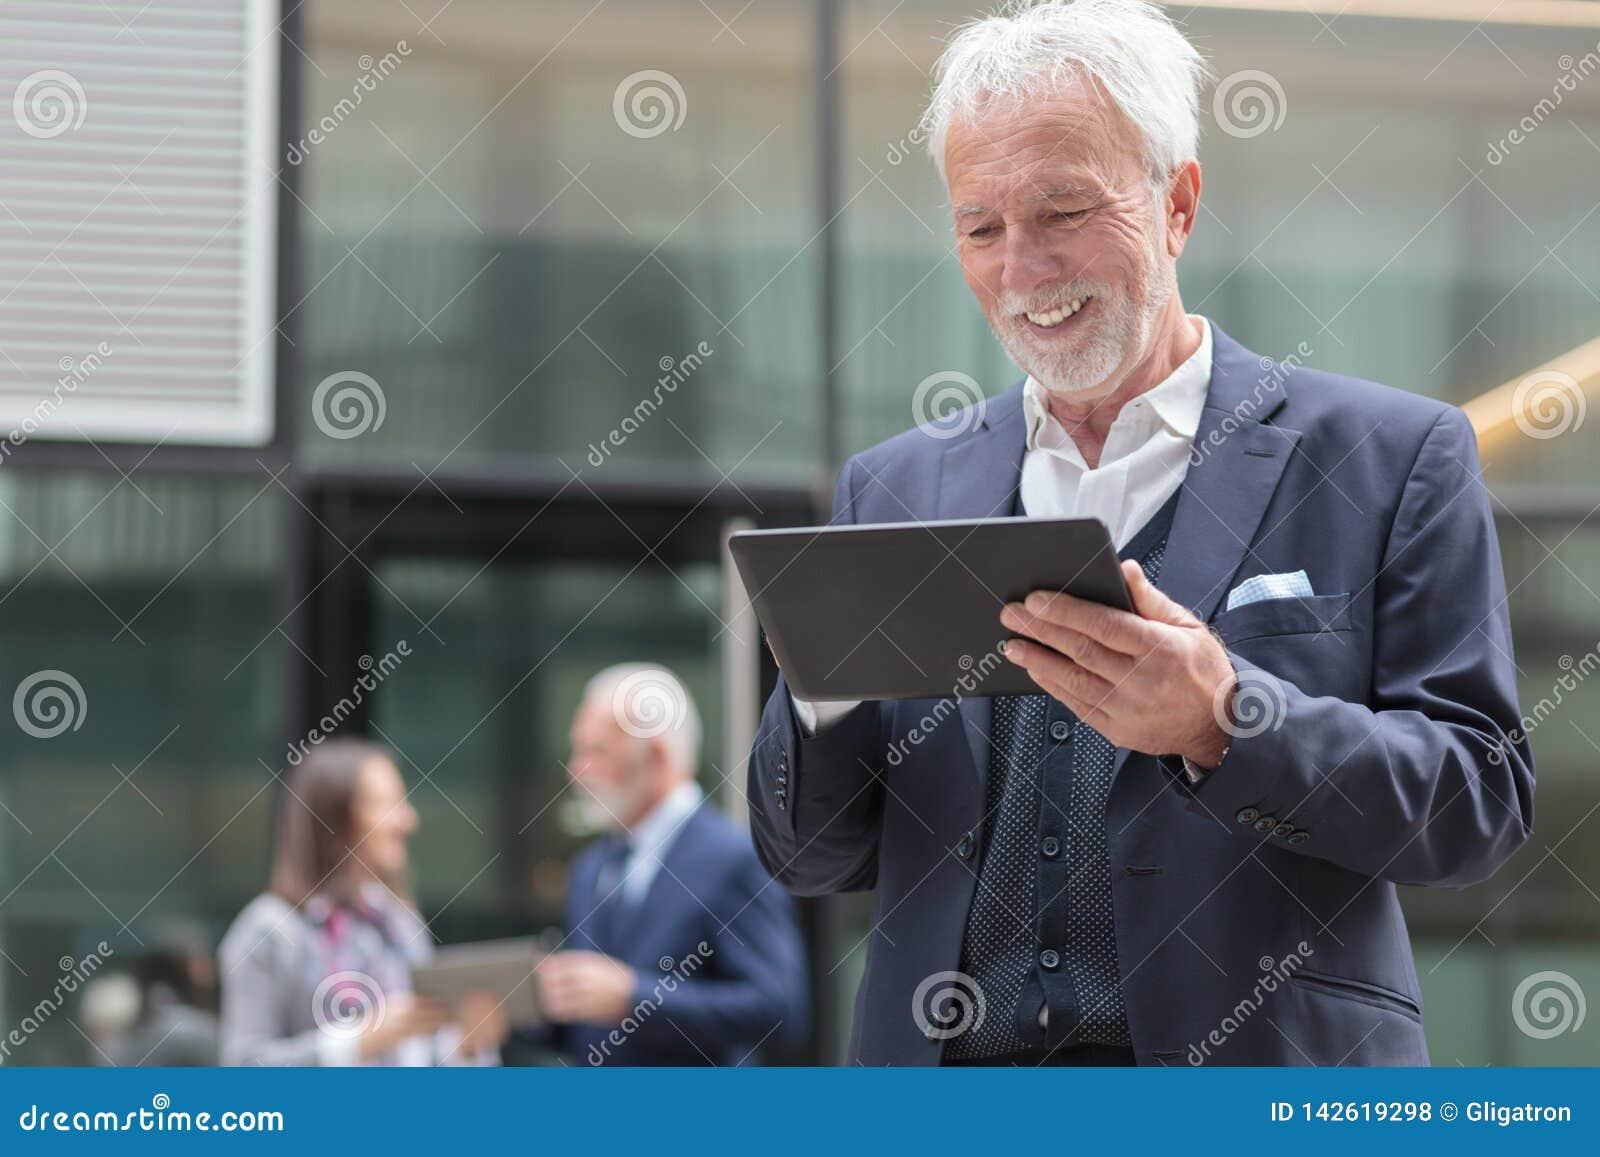 Усмехаясь старший бизнесмен используя планшет, стоя на тротуаре перед офисным зданием